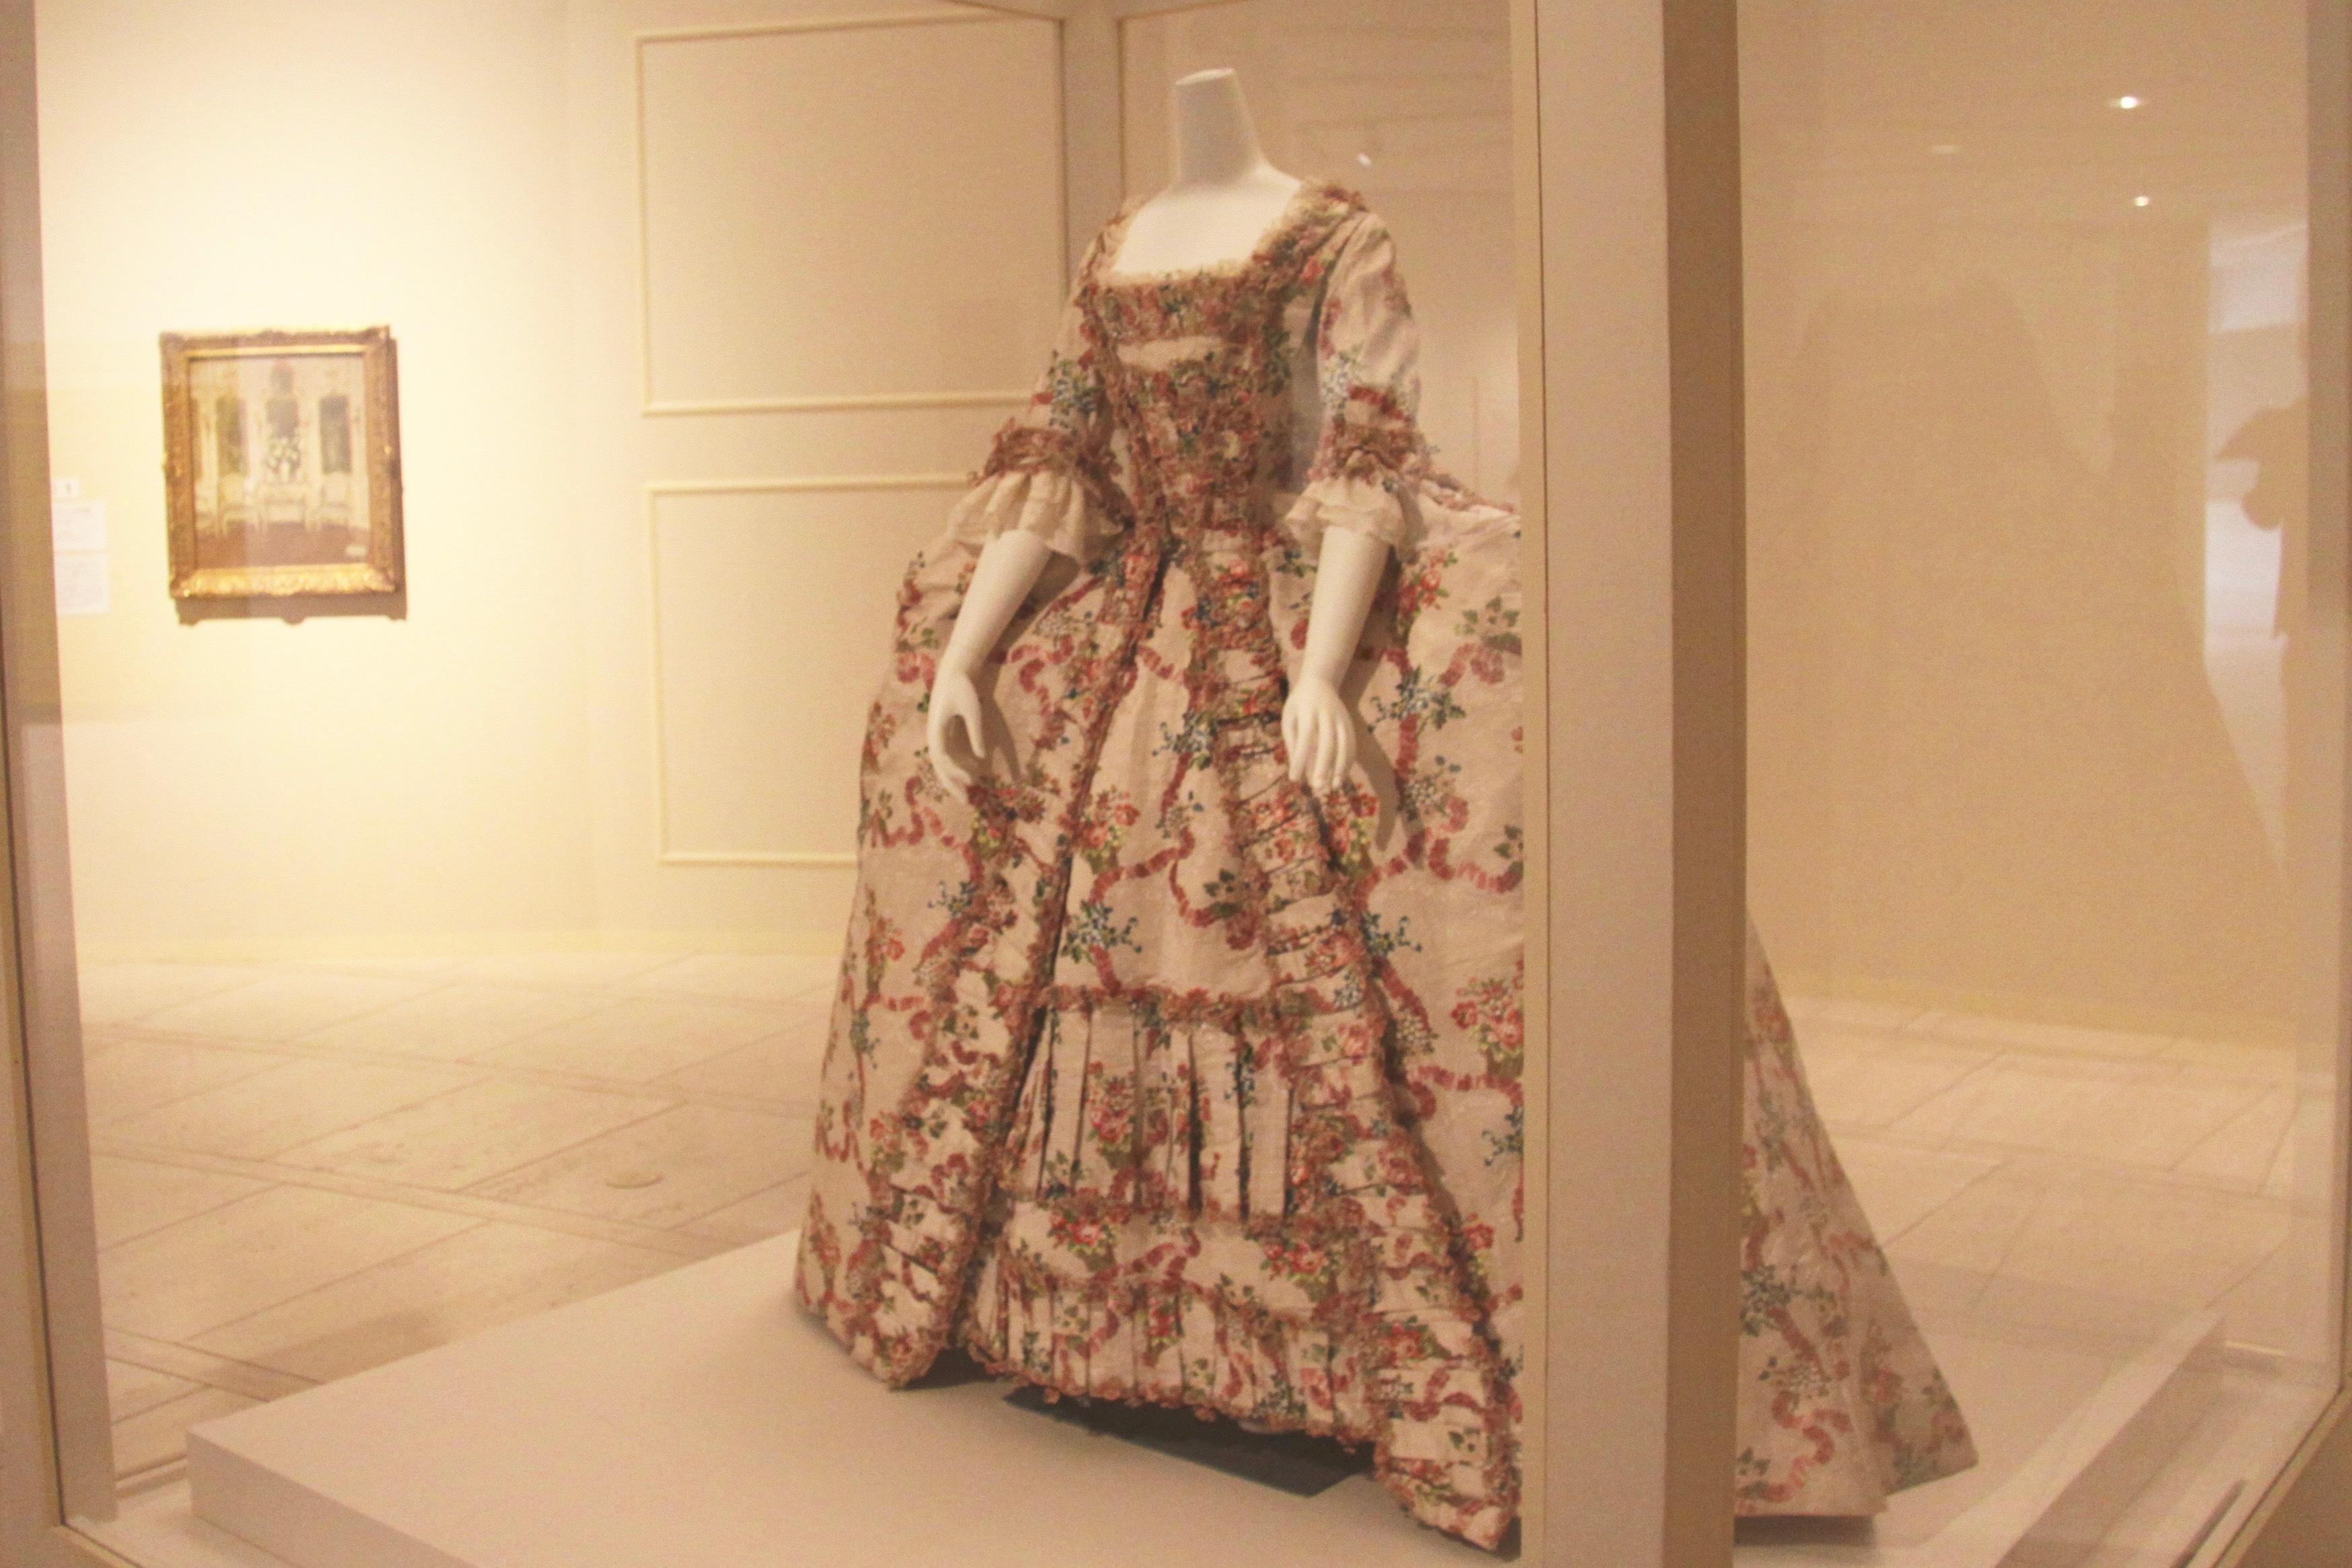 ドレス(3つのパーツからなる) フランス、1770年頃